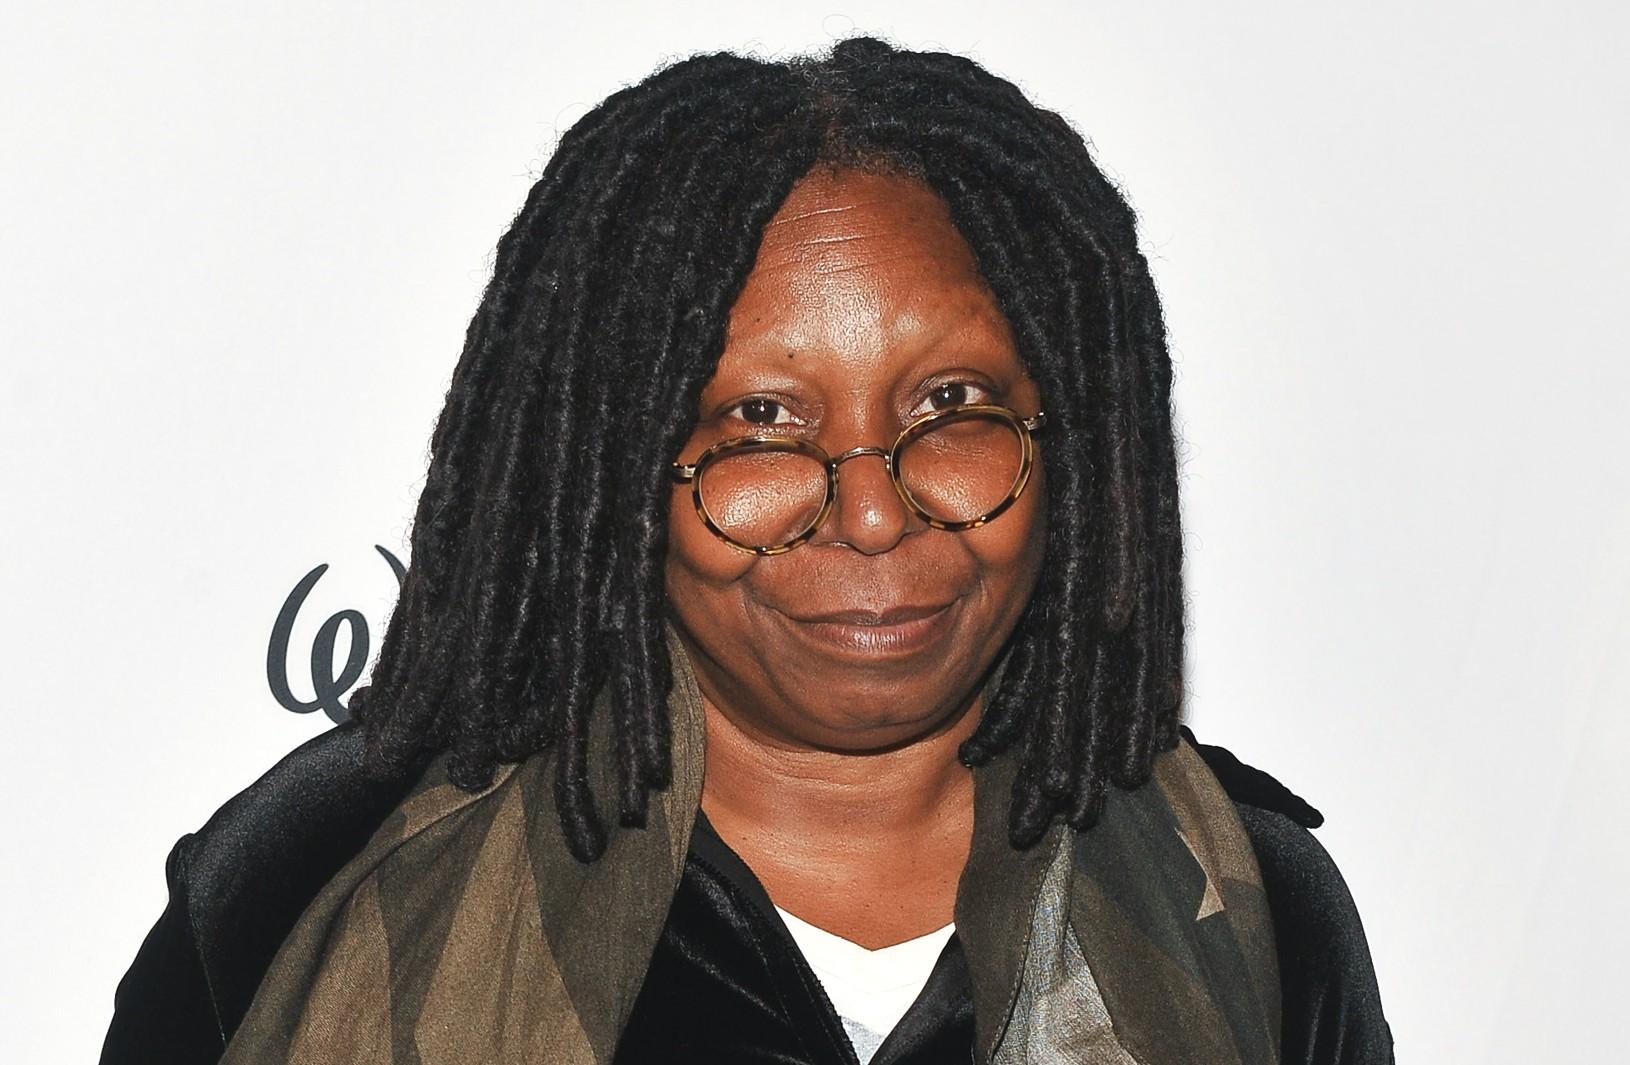 No início da carreira de atriz, Whoopi Goldberg tinha um segundo emprego: maquiar mortos para velórios. (Foto: Getty Images)